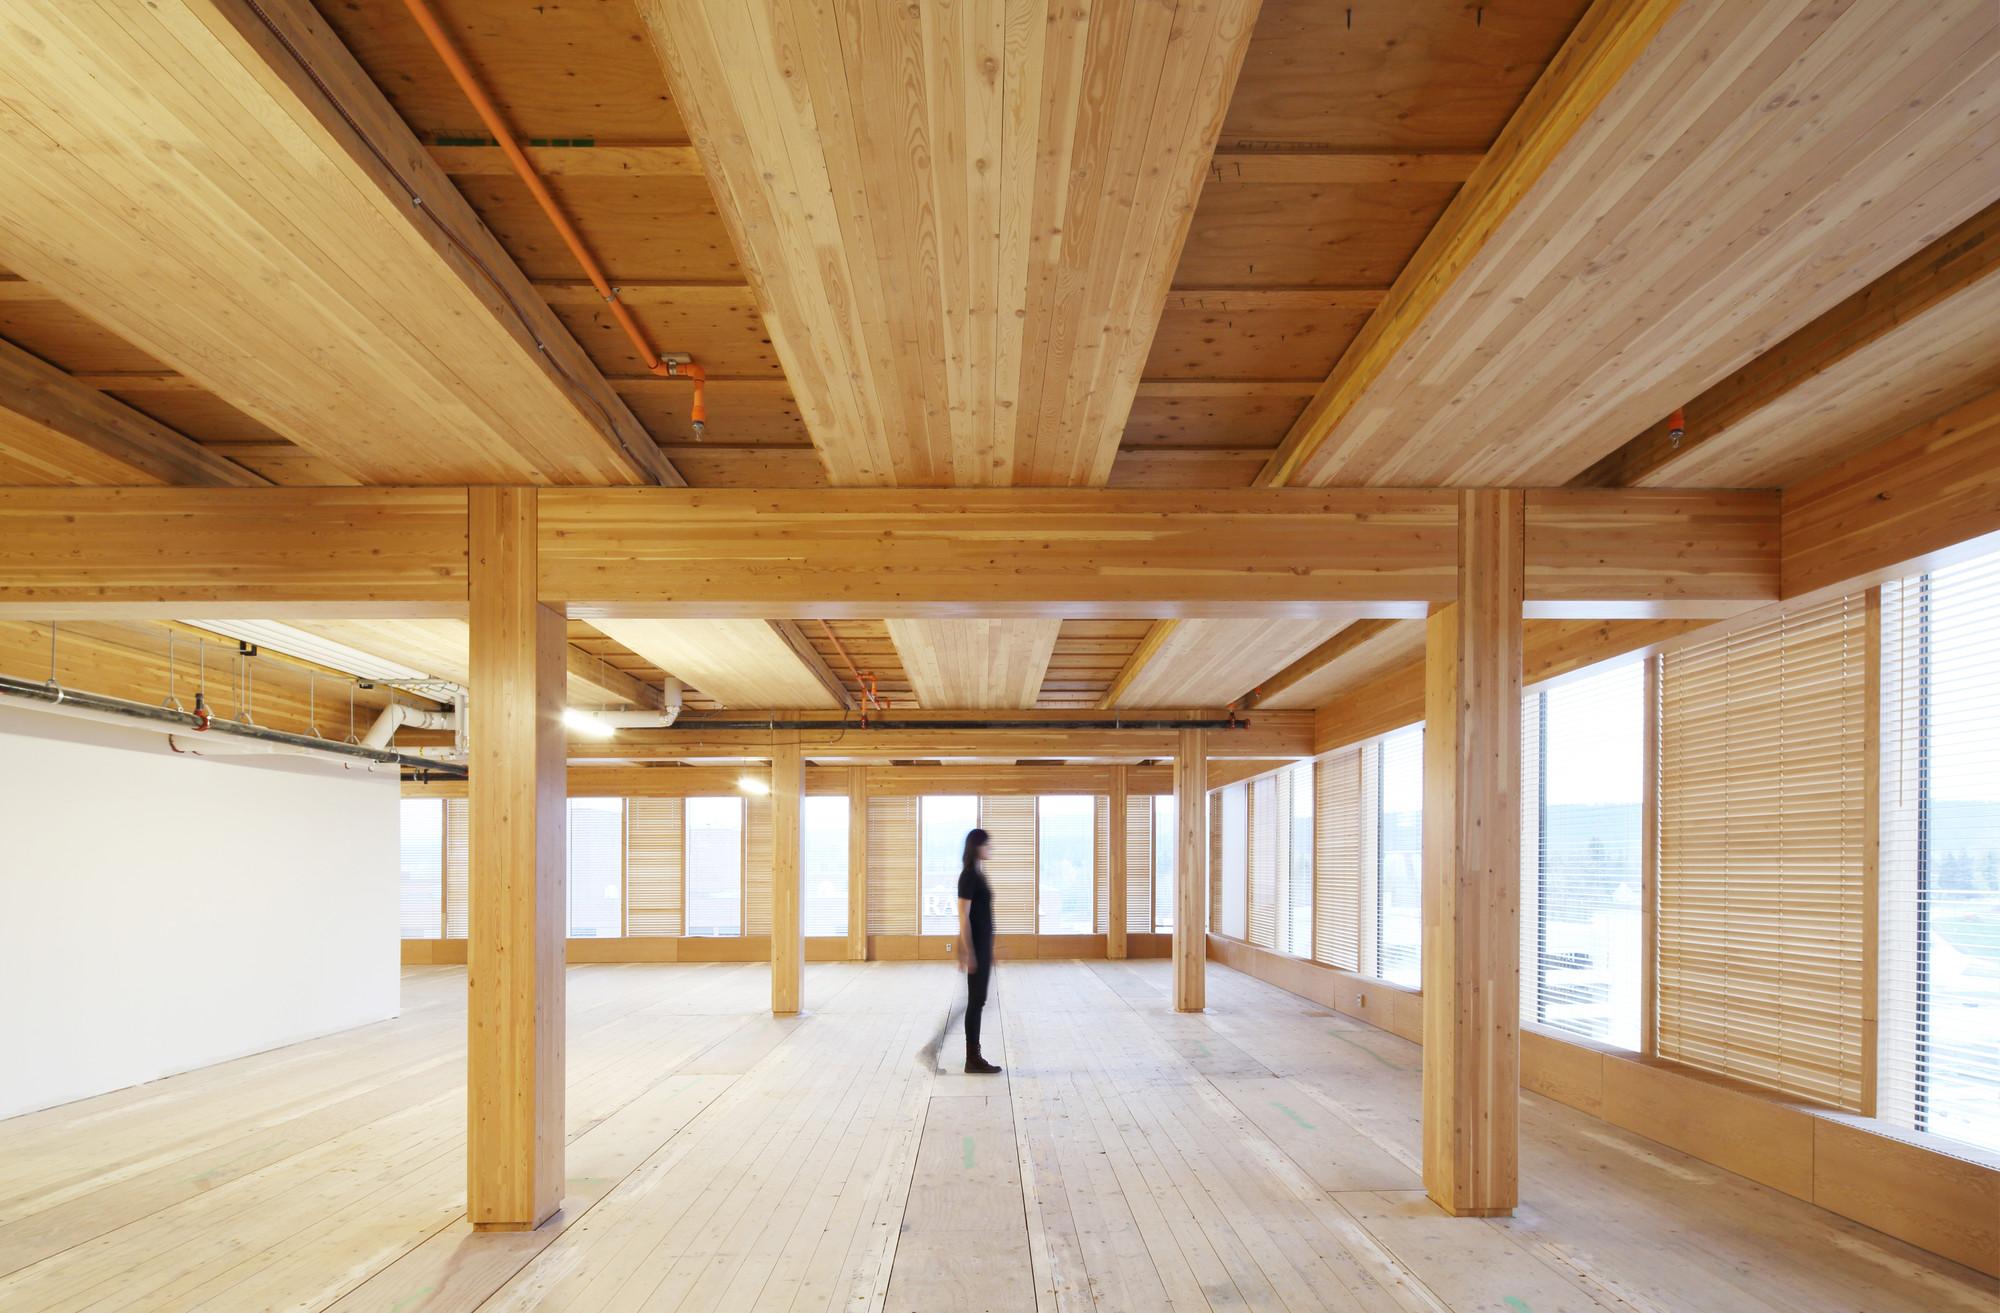 อาคารที่ผลิตจากไม้ล้วนๆ สูงที่สุดในโลก The Wood Innovation Design Centre 13 - Architecture